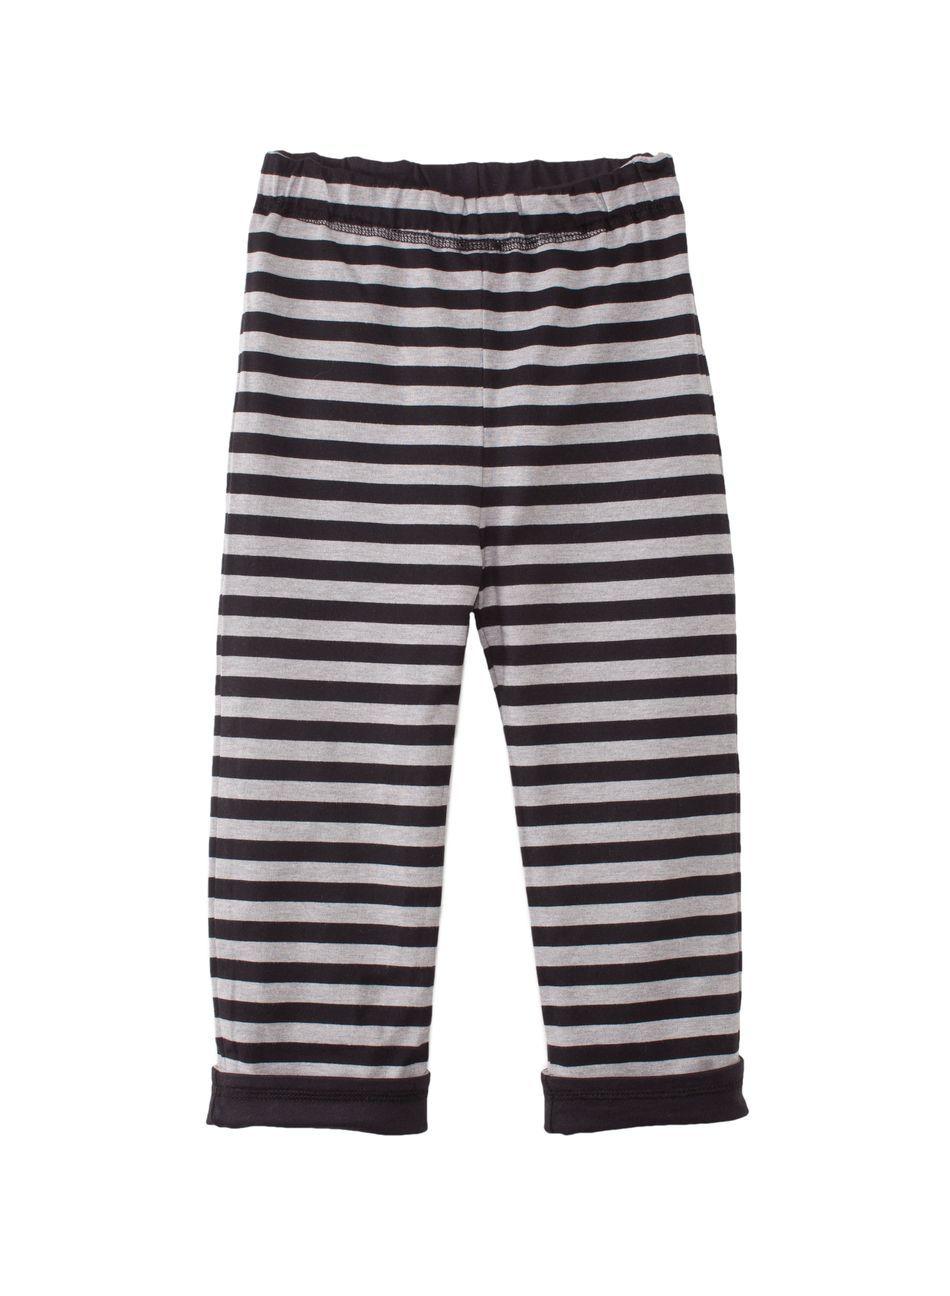 Kloppi 3-housut (harmaa, musta) |Vaatteet, Lapset, Leikki-ikäiset | Marimekko